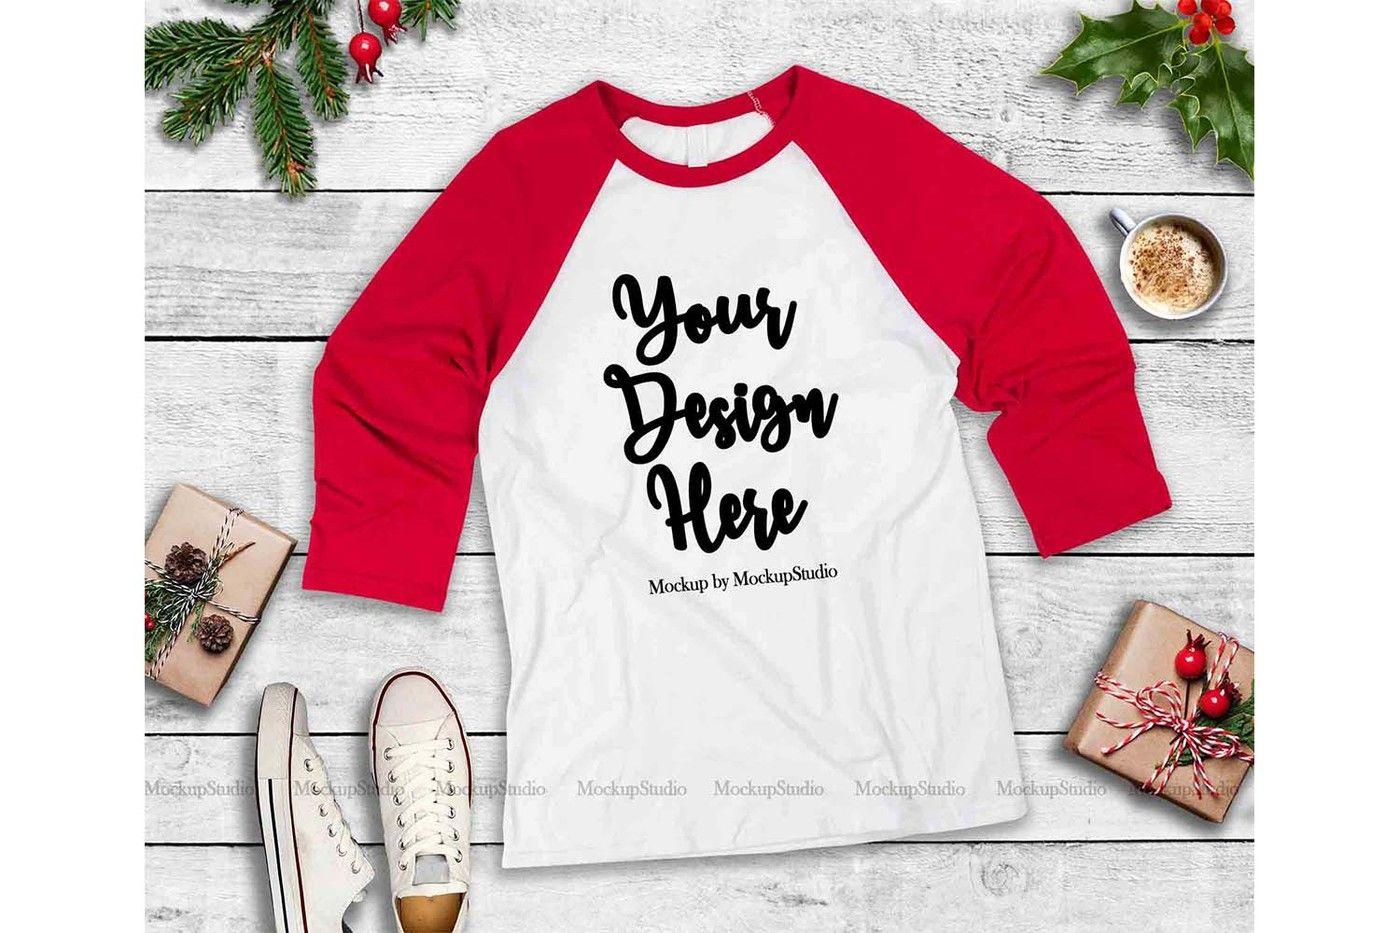 Christmas Raglan Mockup Bundle 5 Baseball Shirt Flat Lays By